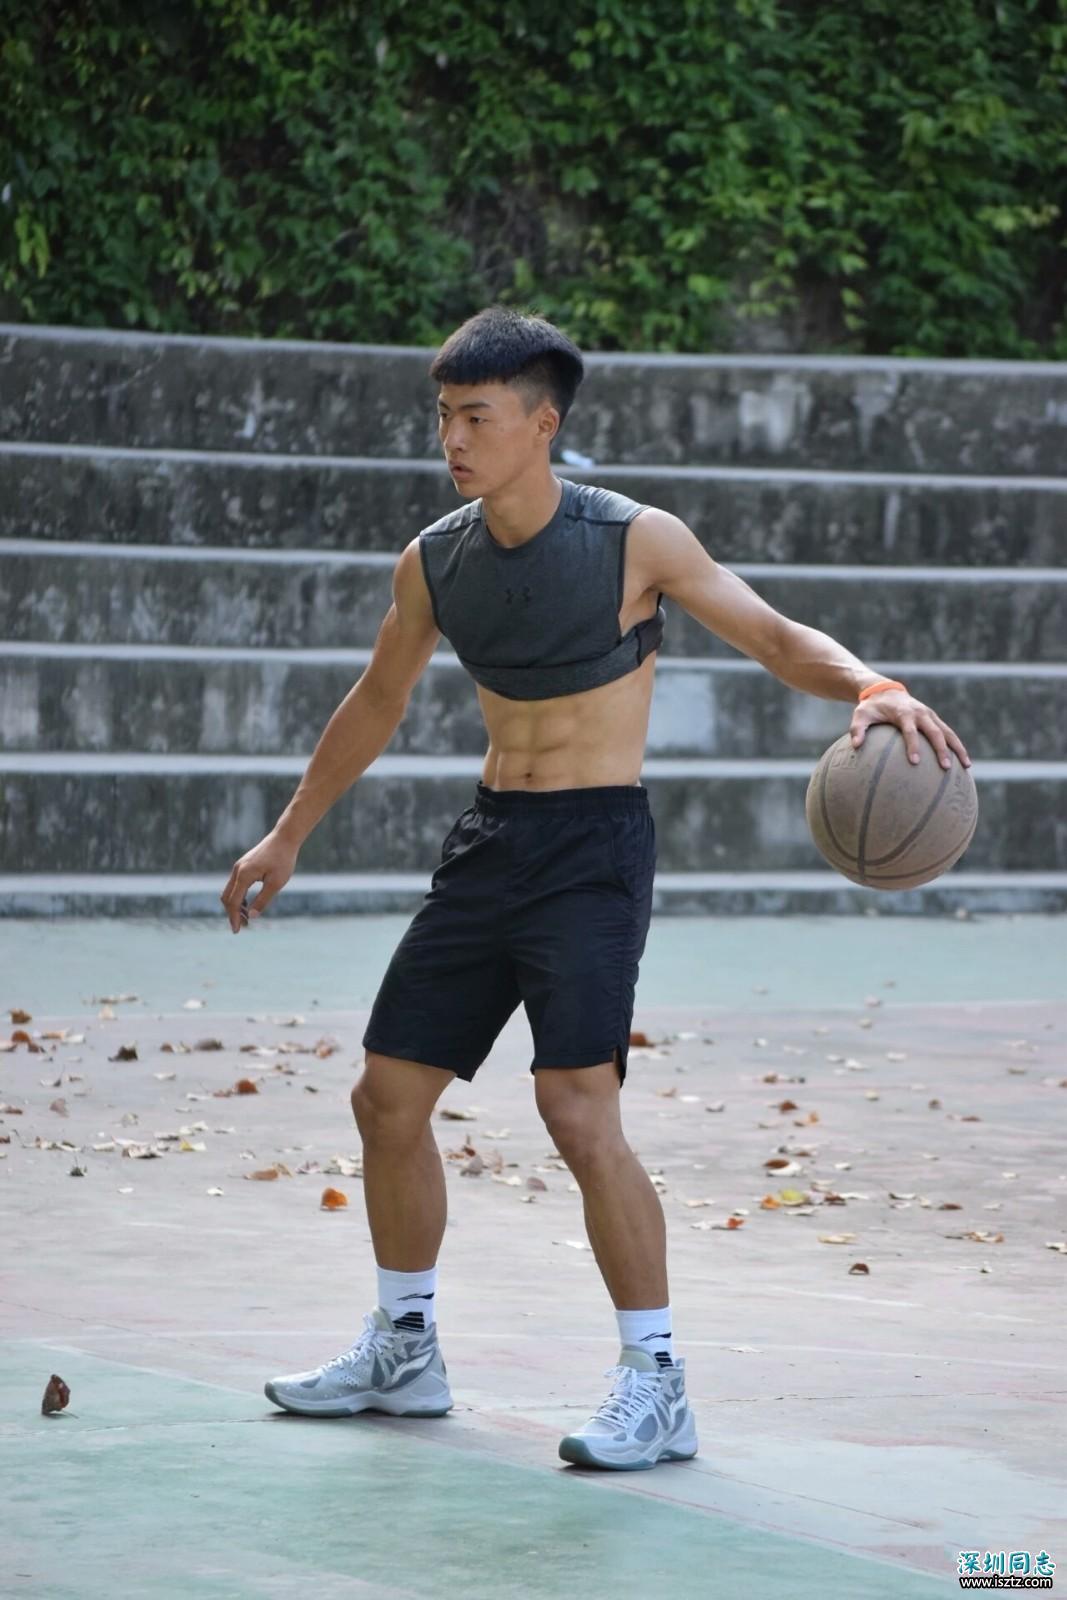 超帅篮球体育生,肌肉分明,颜值乖巧秀气